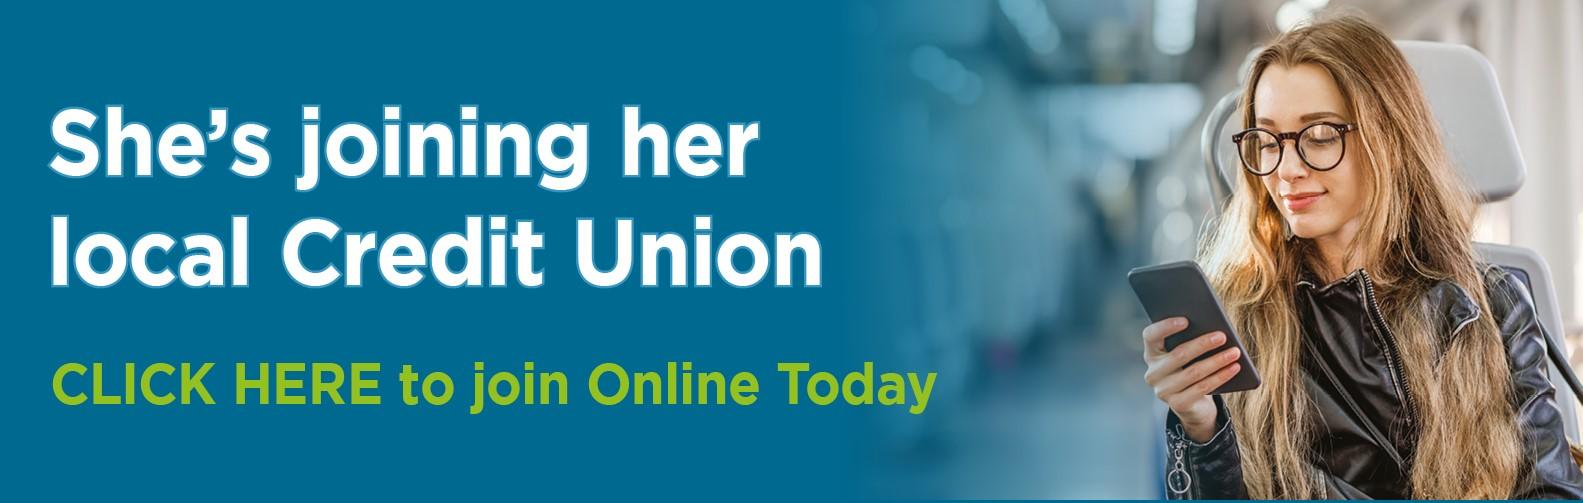 Member-OnBoarding-Girl-on-Train-Website-Slider-1